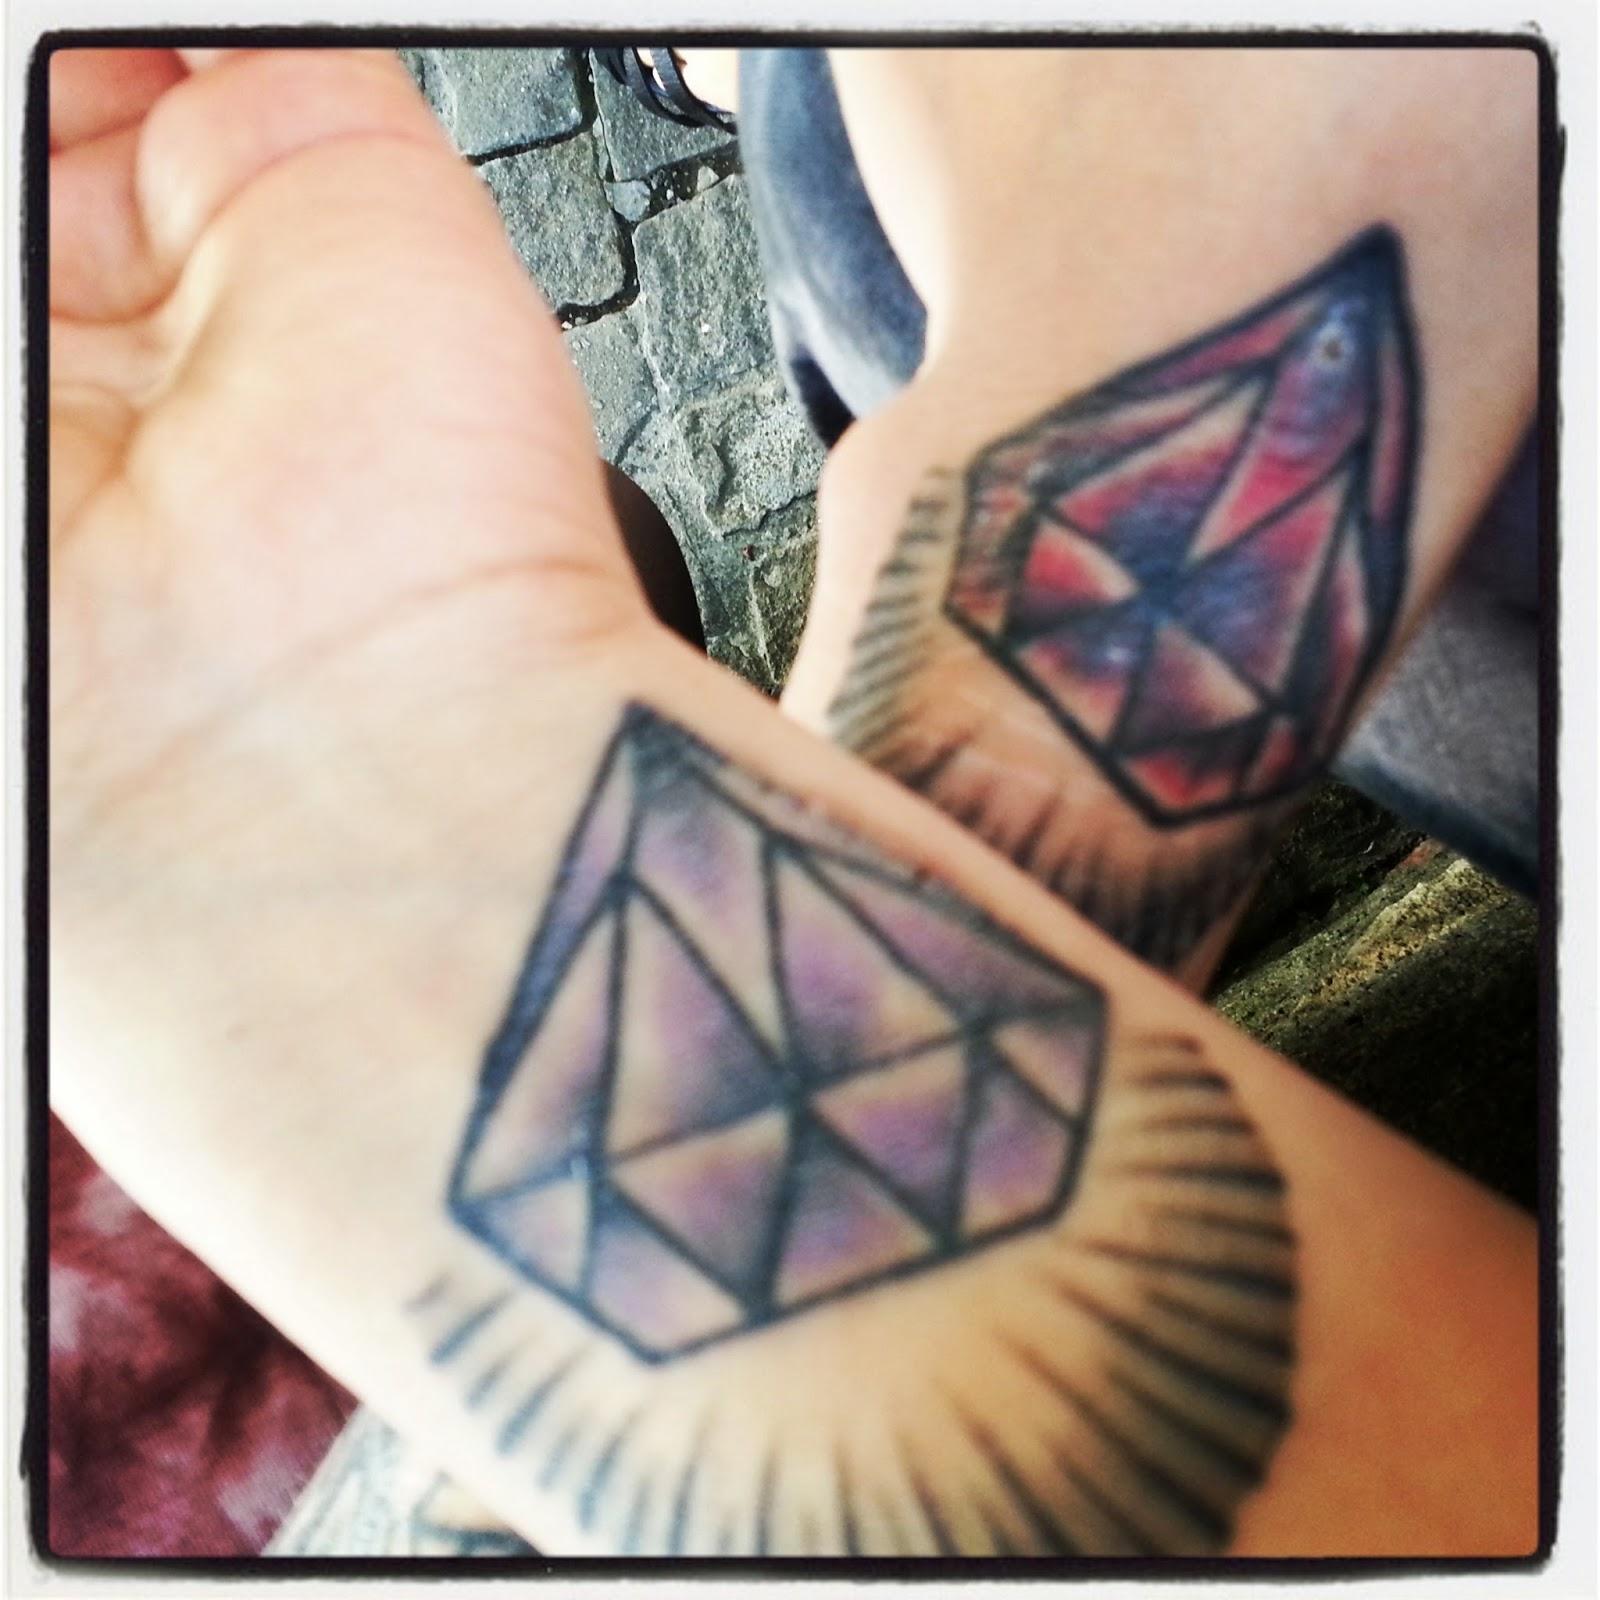 Das tattoo haben wir bei Roman im Lalaland gestochen.